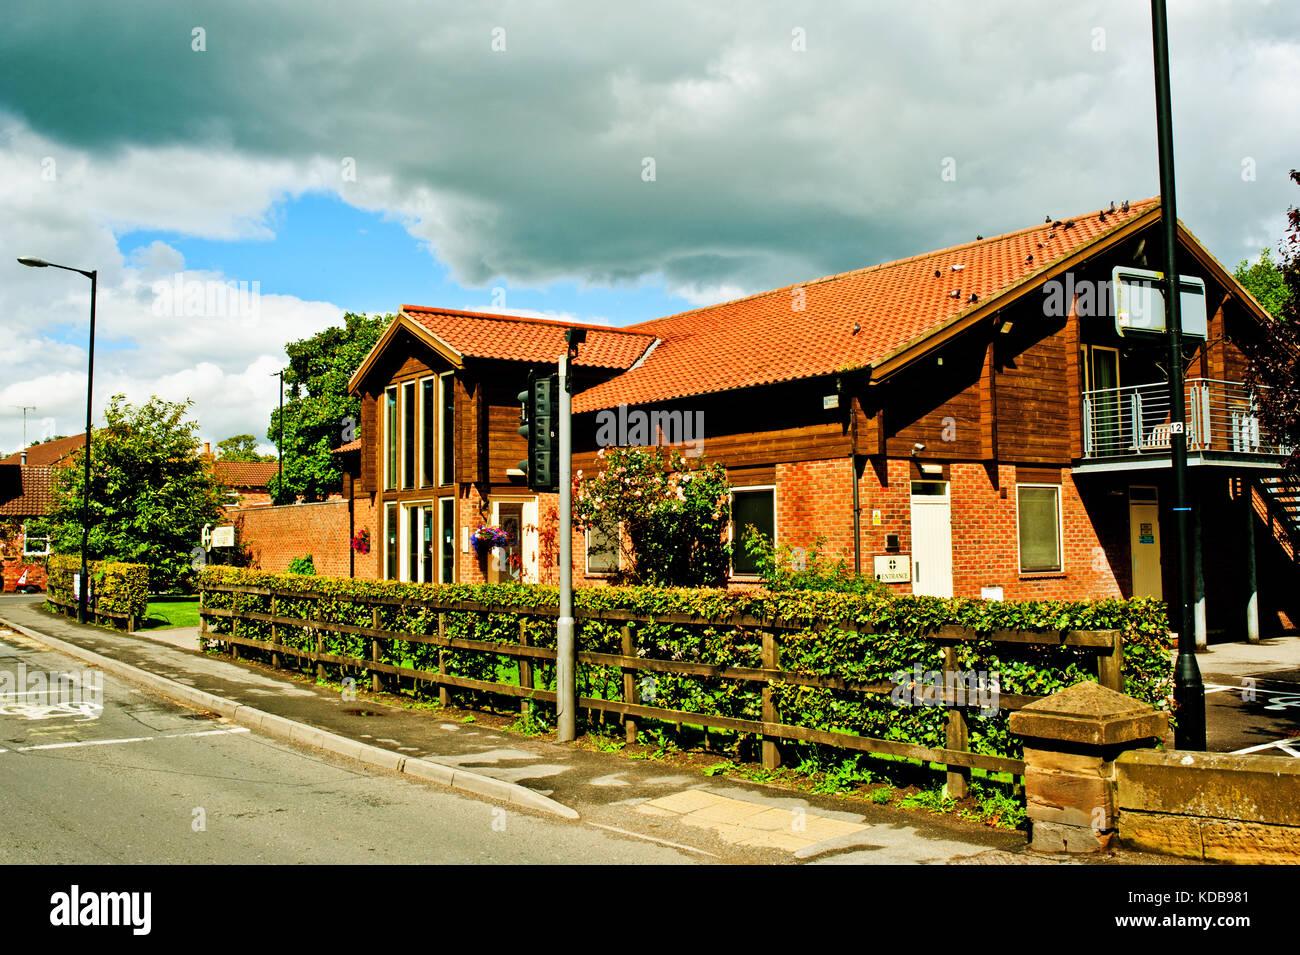 Vetinary Practice, Stamford Bridge, North Yorkshire - Stock Image